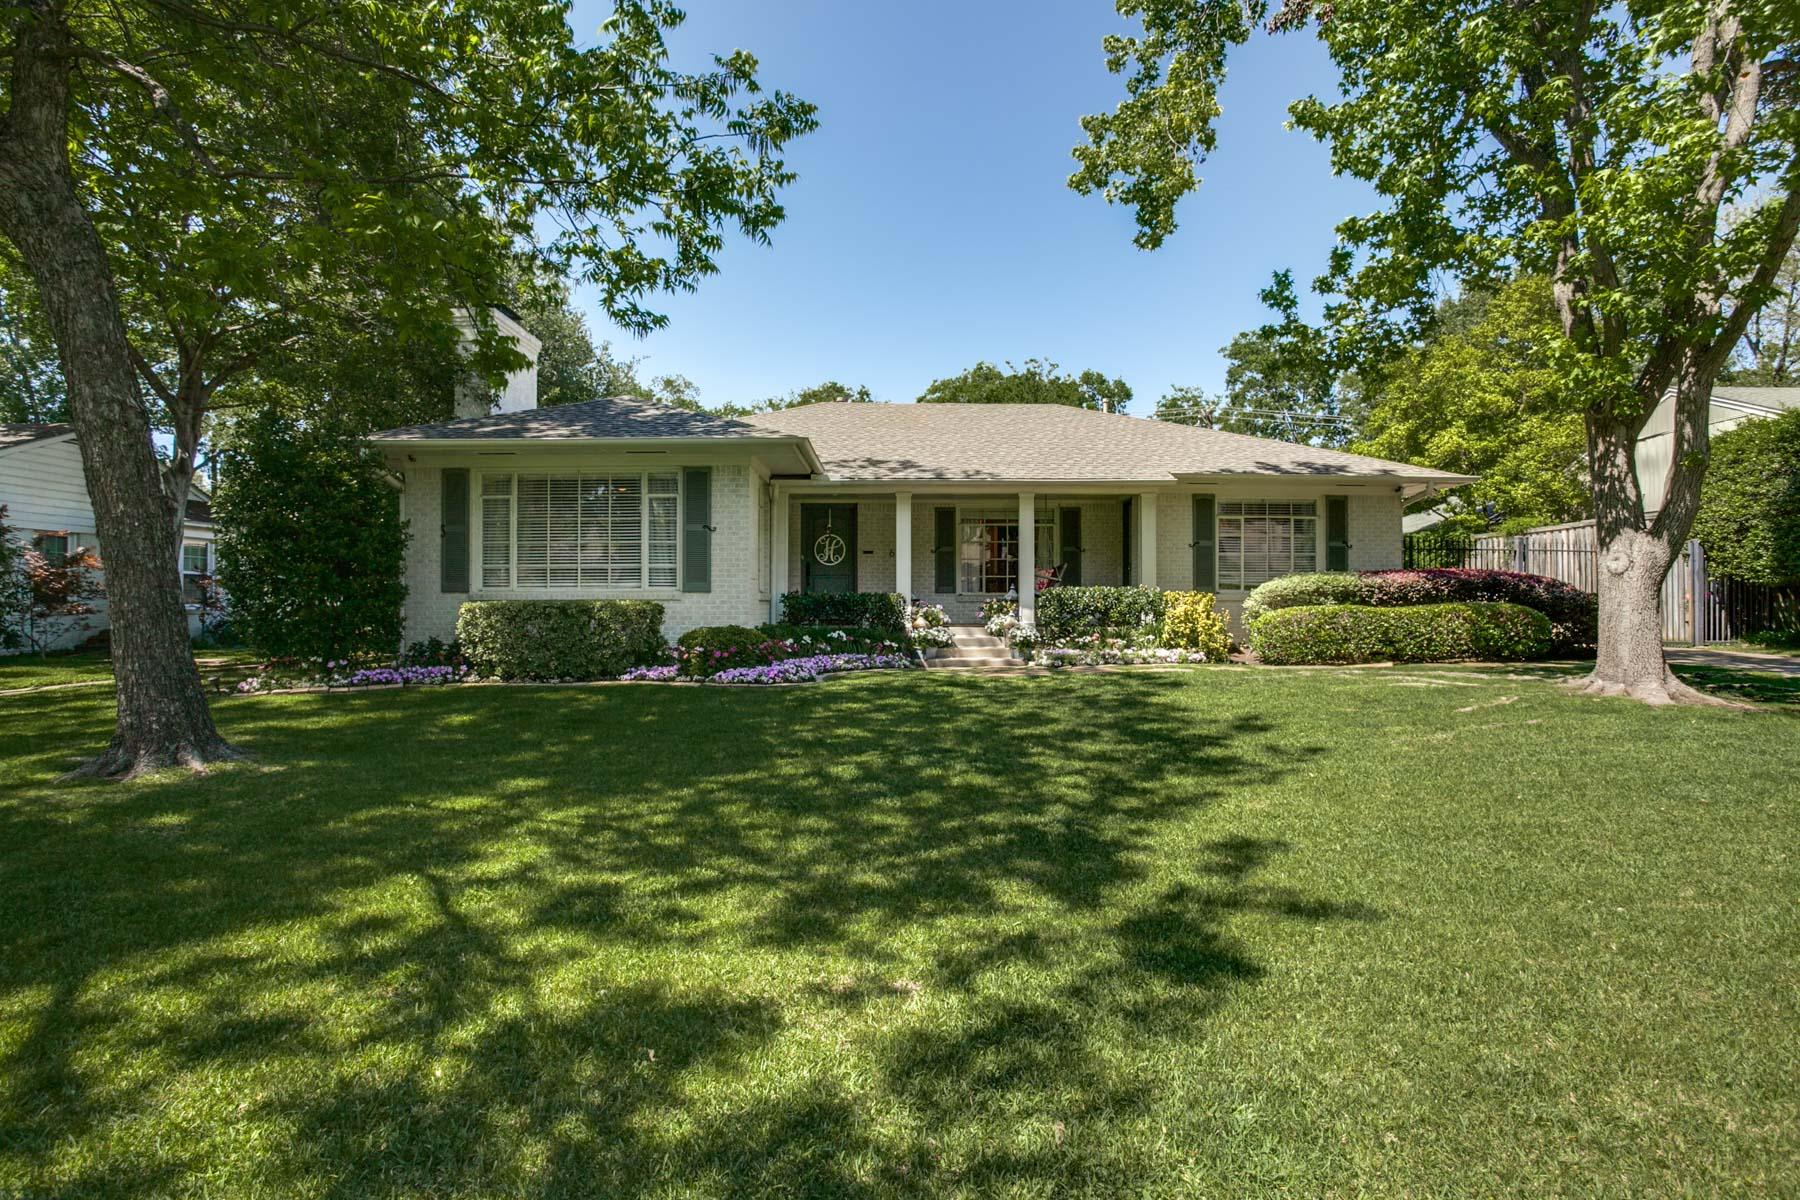 Single Family Home for Sale at Terrific Preston Hollow Home 6231 Del Norte Ln Dallas, Texas, 75225 United States